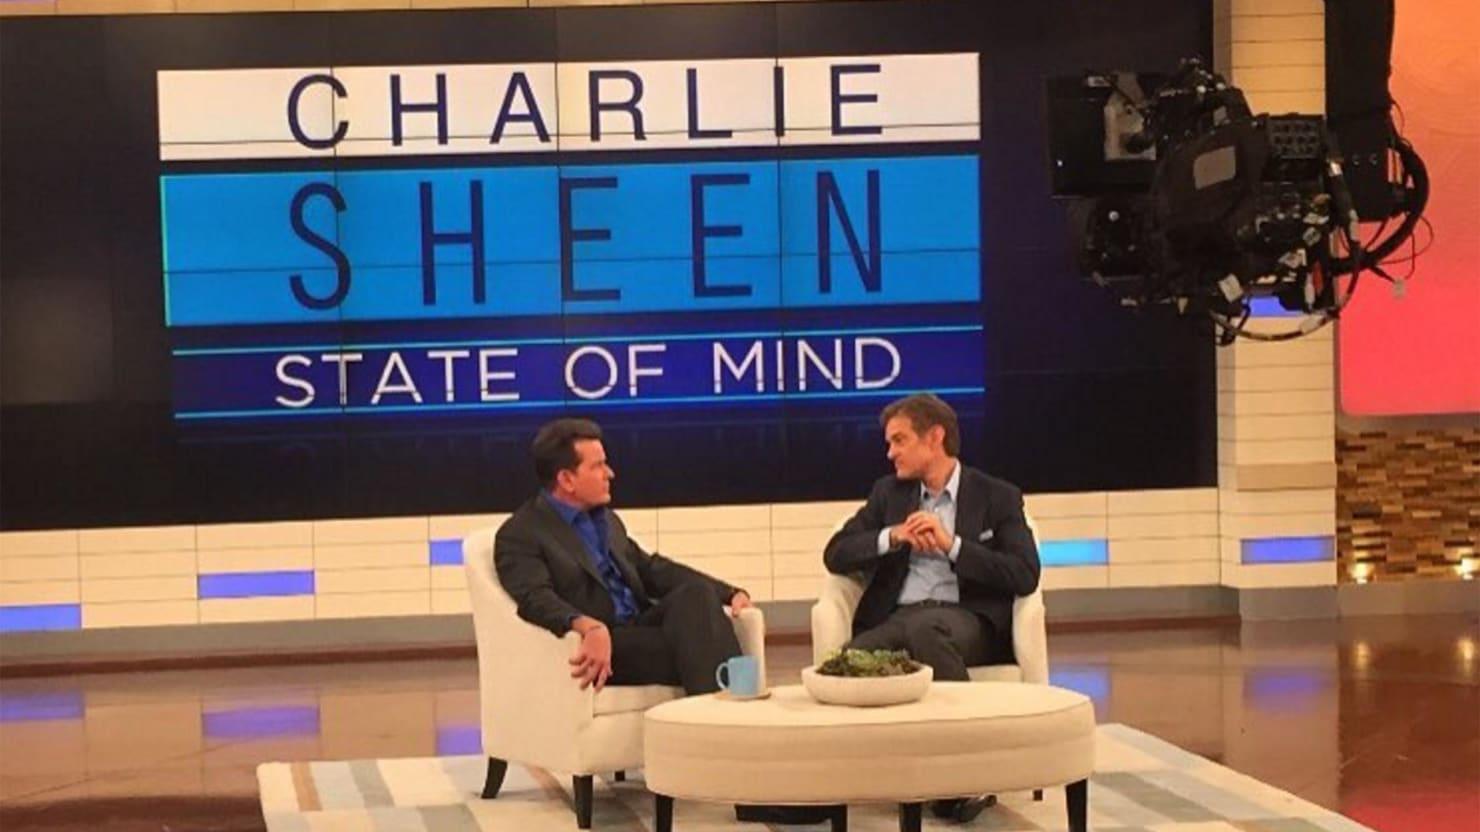 Sheen Oz Dr Charlie